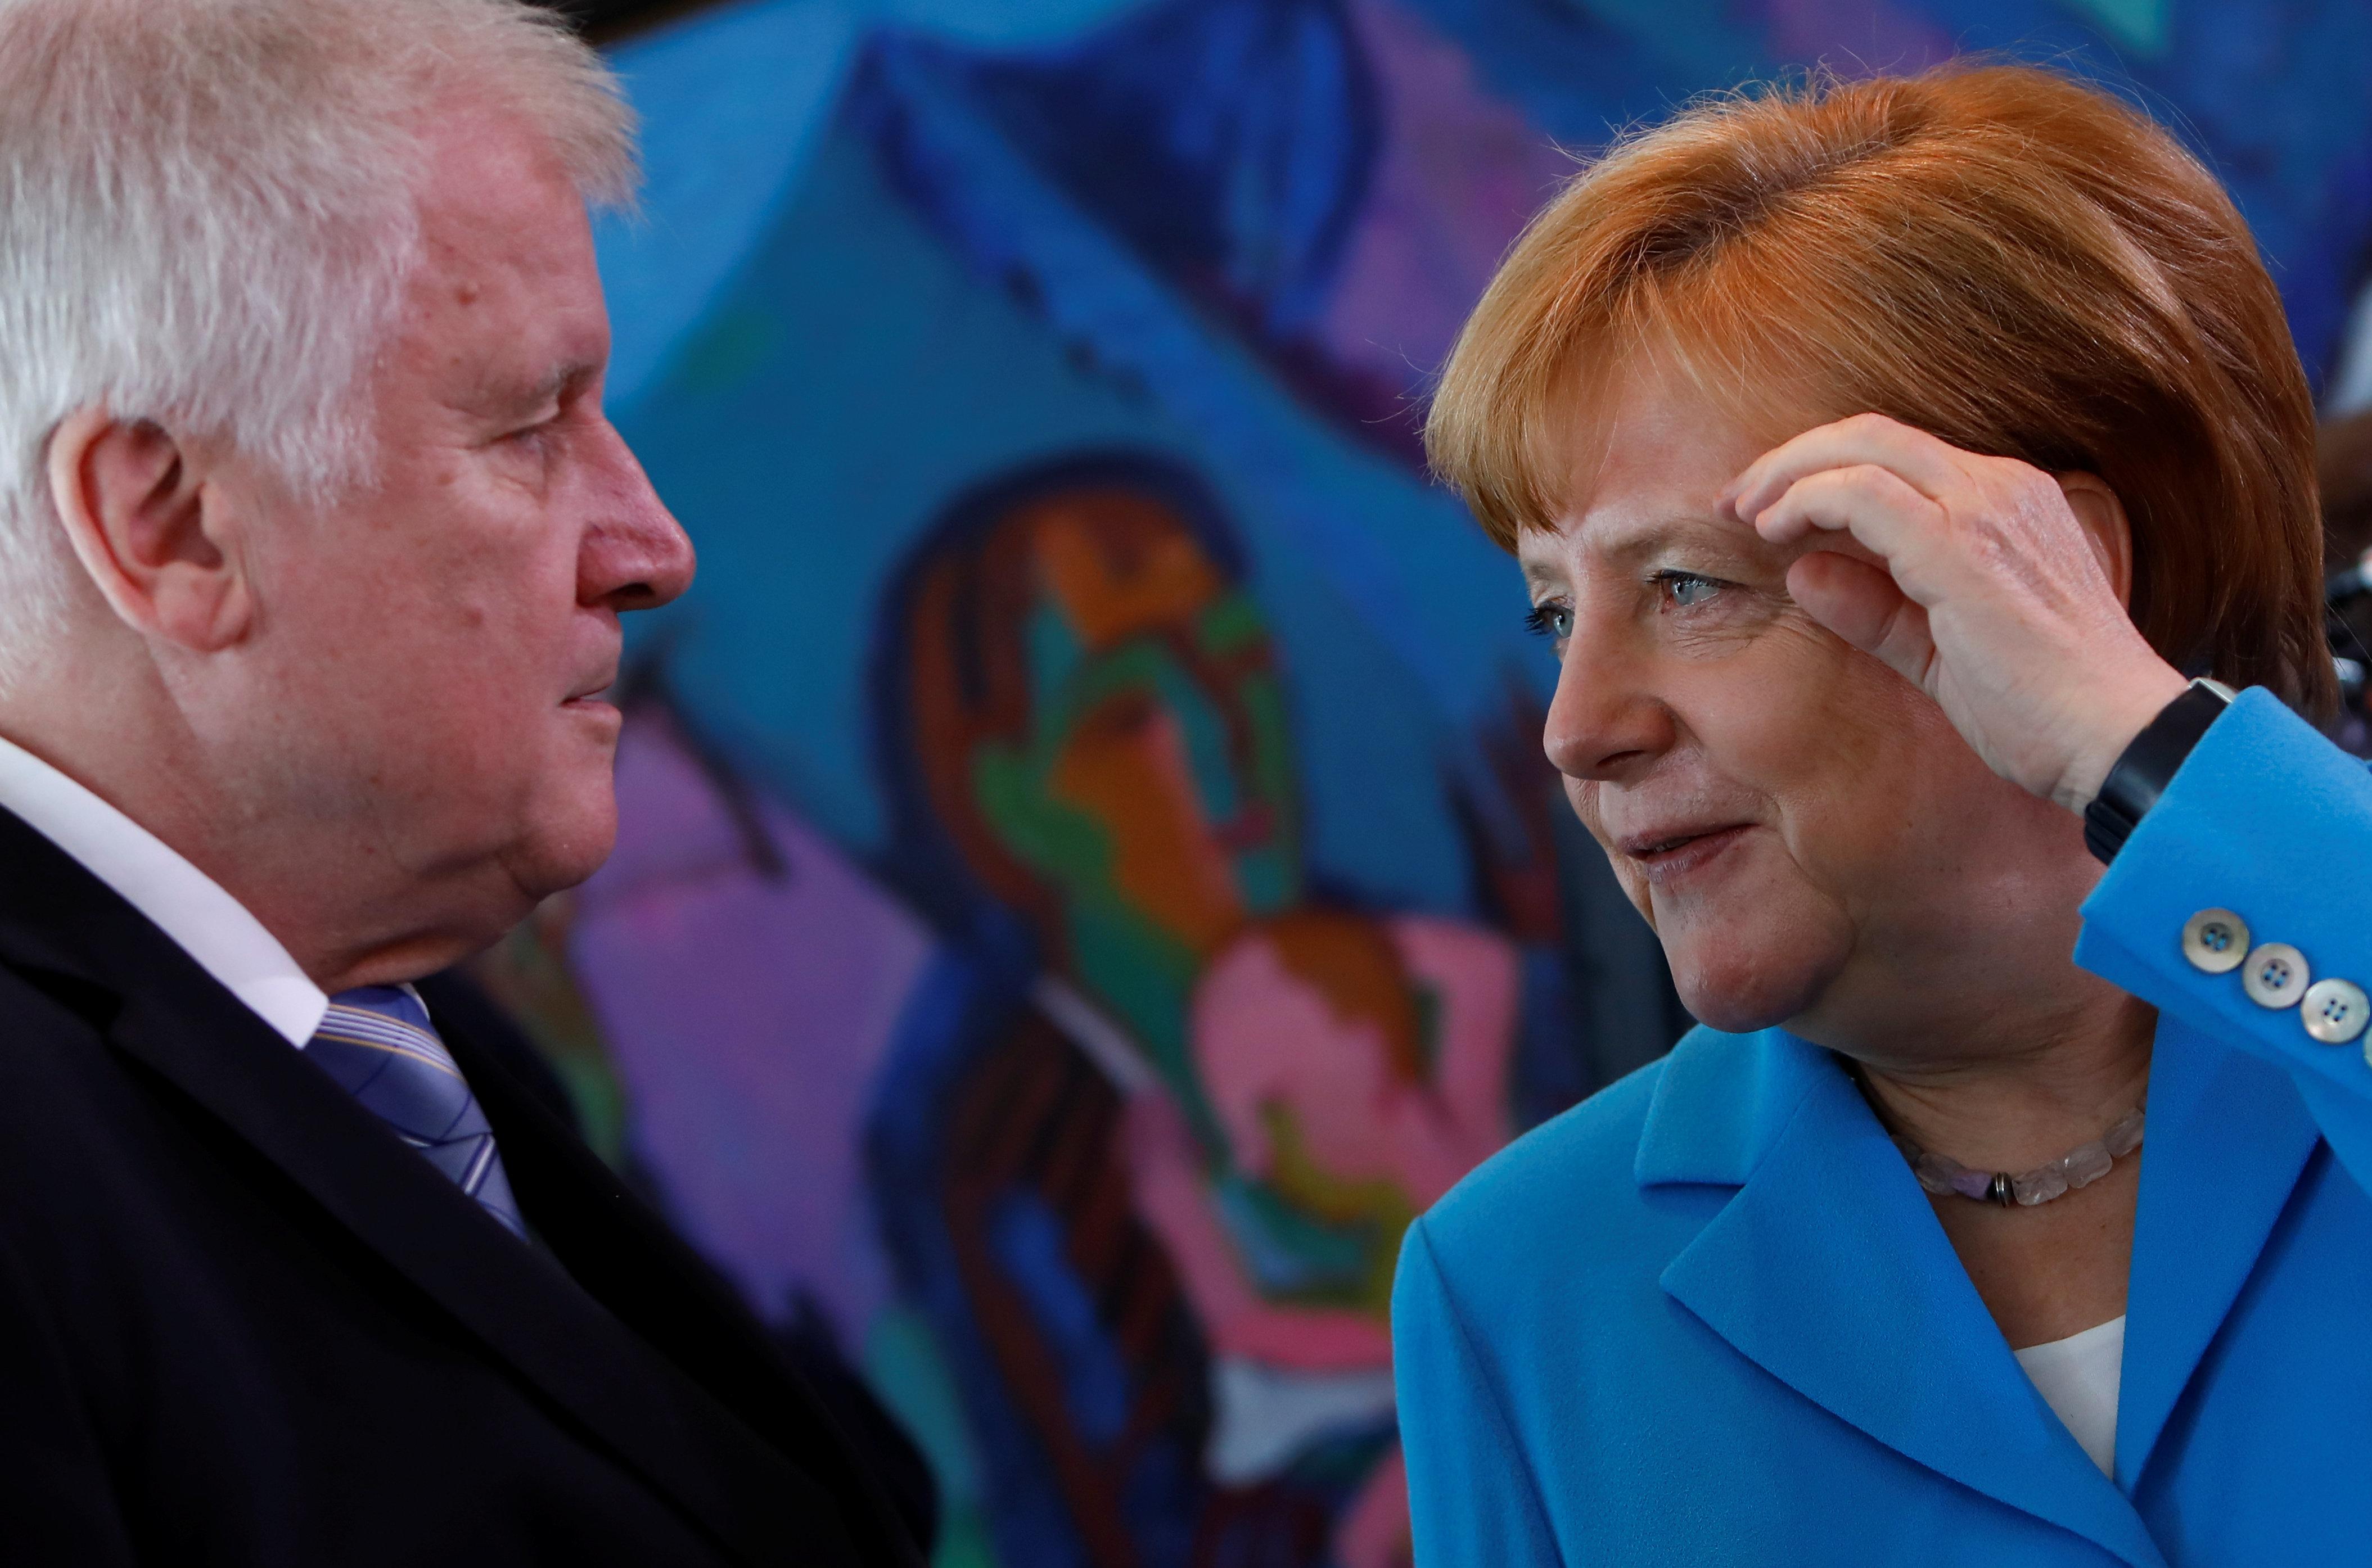 Σοβαρή η ενδοκυβερνητική κρίση για το προσφυγικό στη Γερμανία. Καθαίρεση του επικεφαλής της Υπηρεσίας